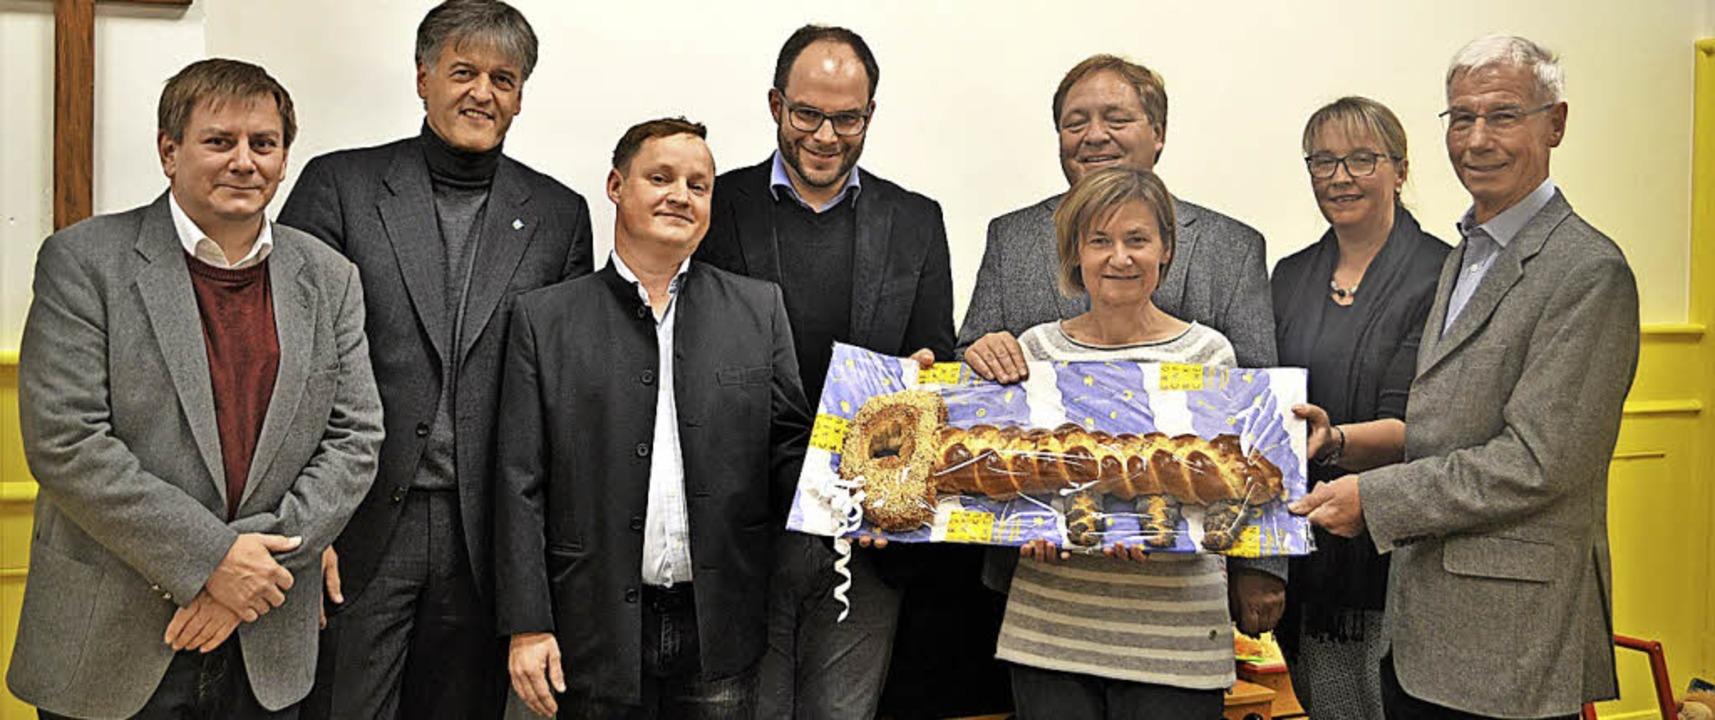 Freude bei den Verantwortlichen über d...sowie Architekt Diether Lützelschwab.   | Foto: Berger